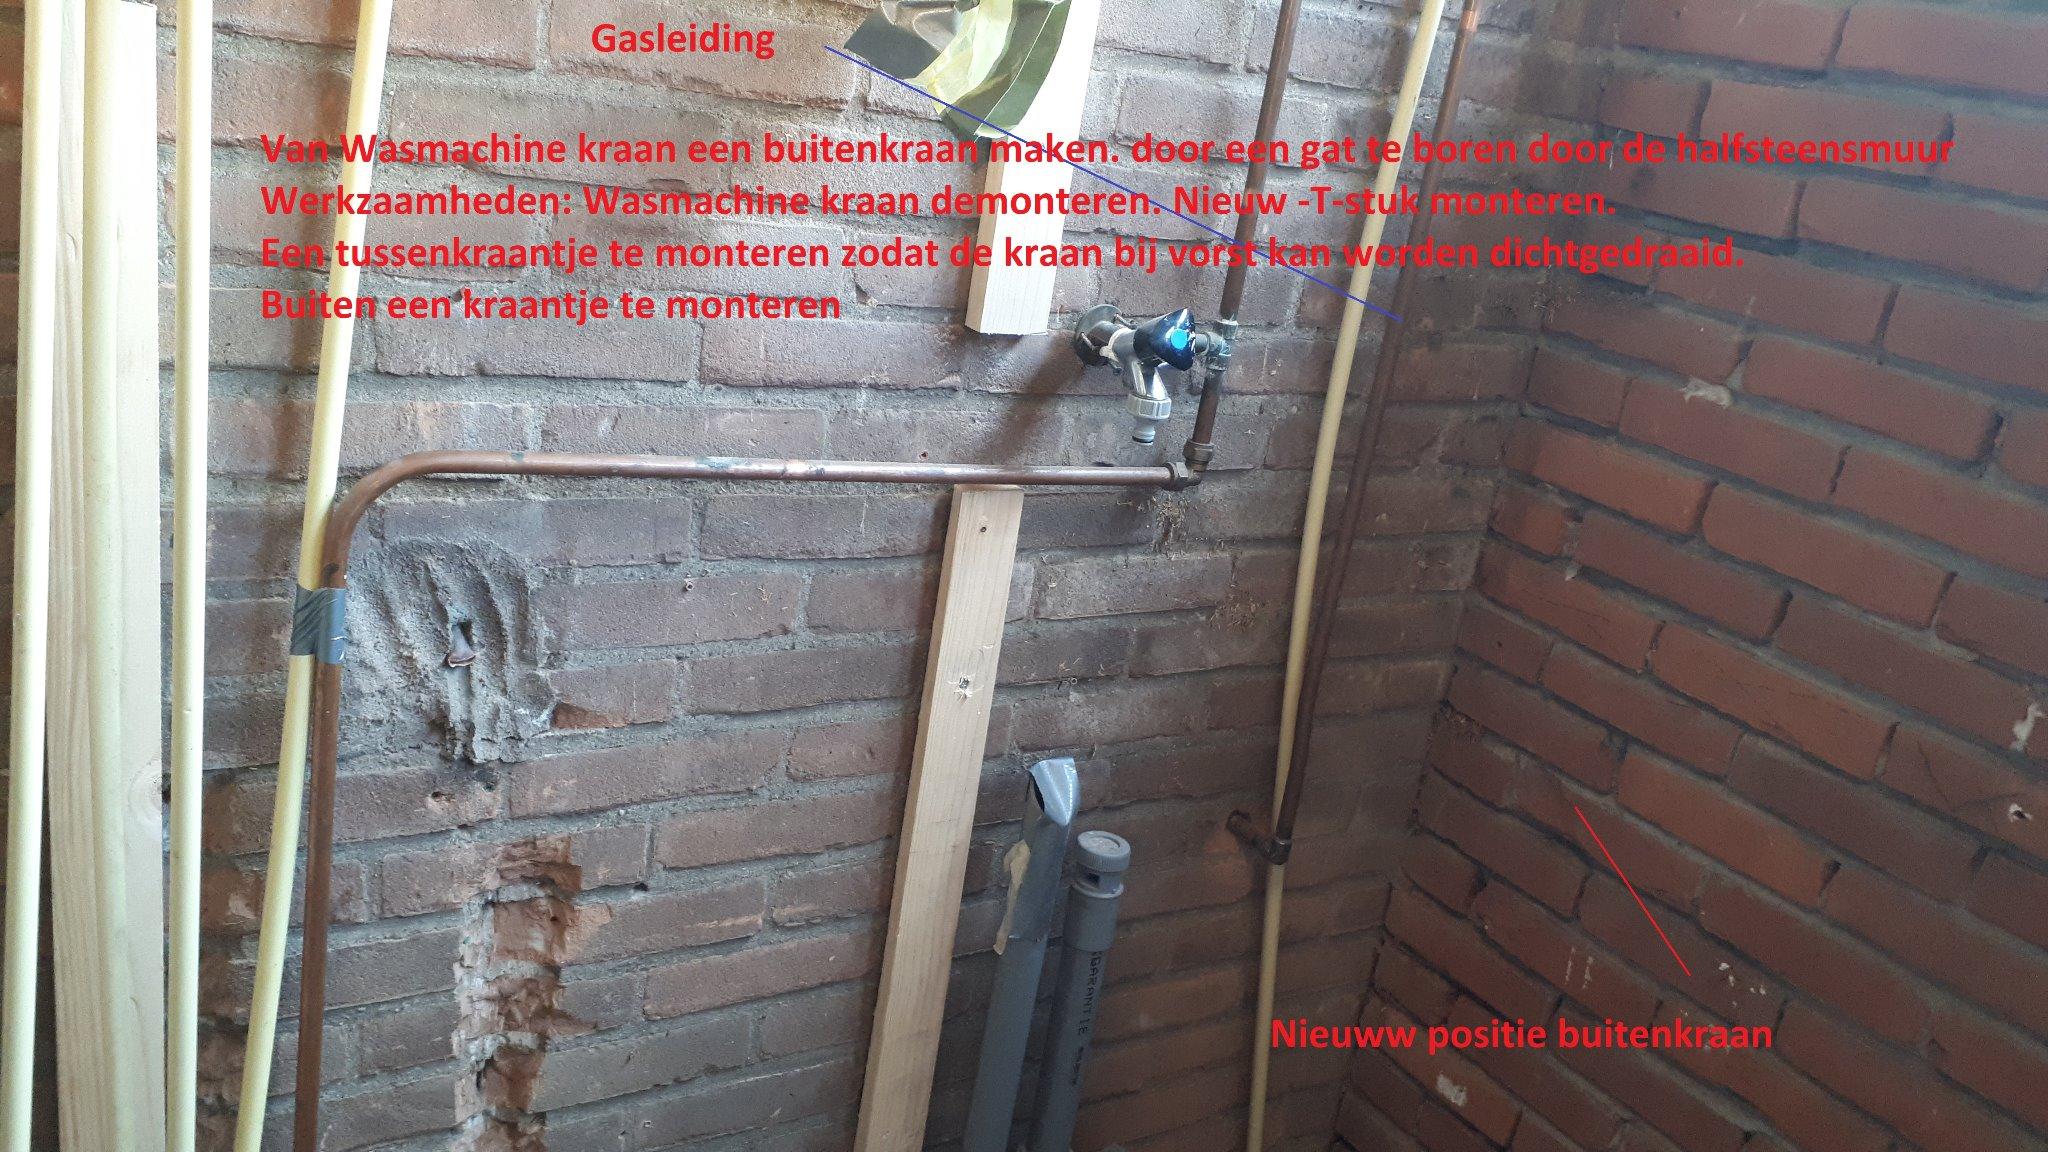 Top Verplaatsen radiator en Buitenkraan maken - Werkspot UI14